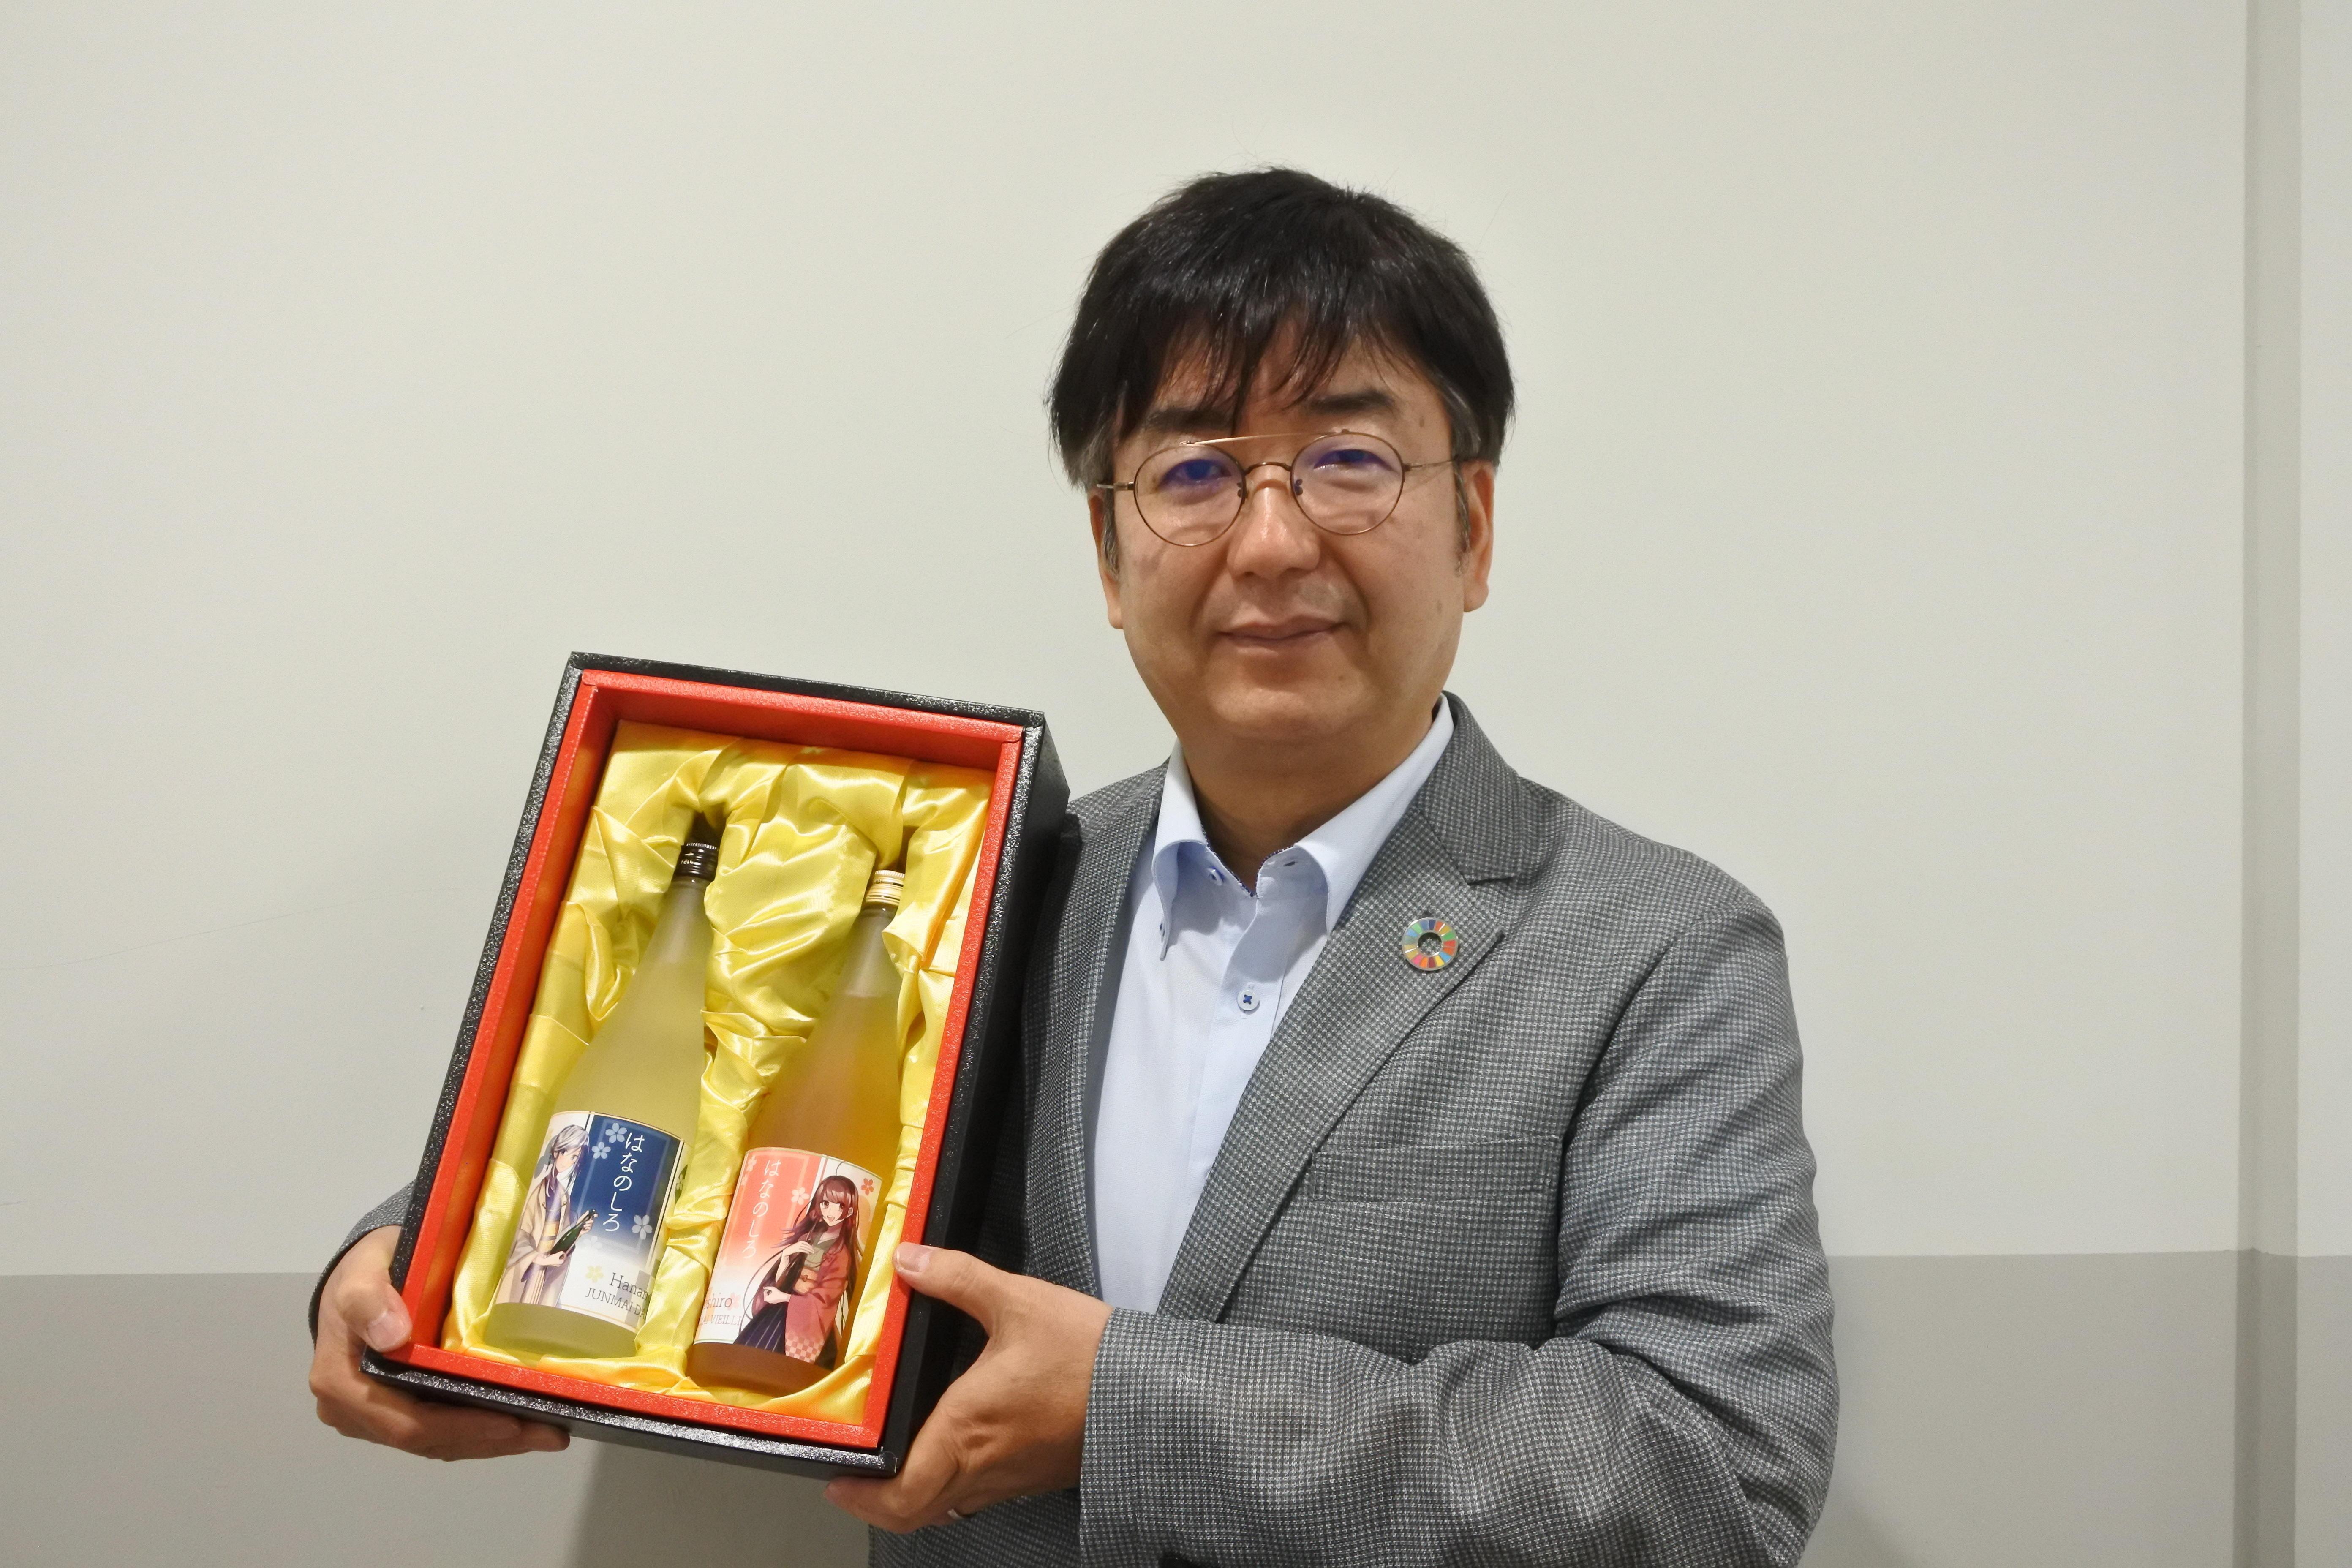 名城大学ブランド清酒「はなのしろ 純米大吟醸」と「はなのしろ 純米古酒」を発売